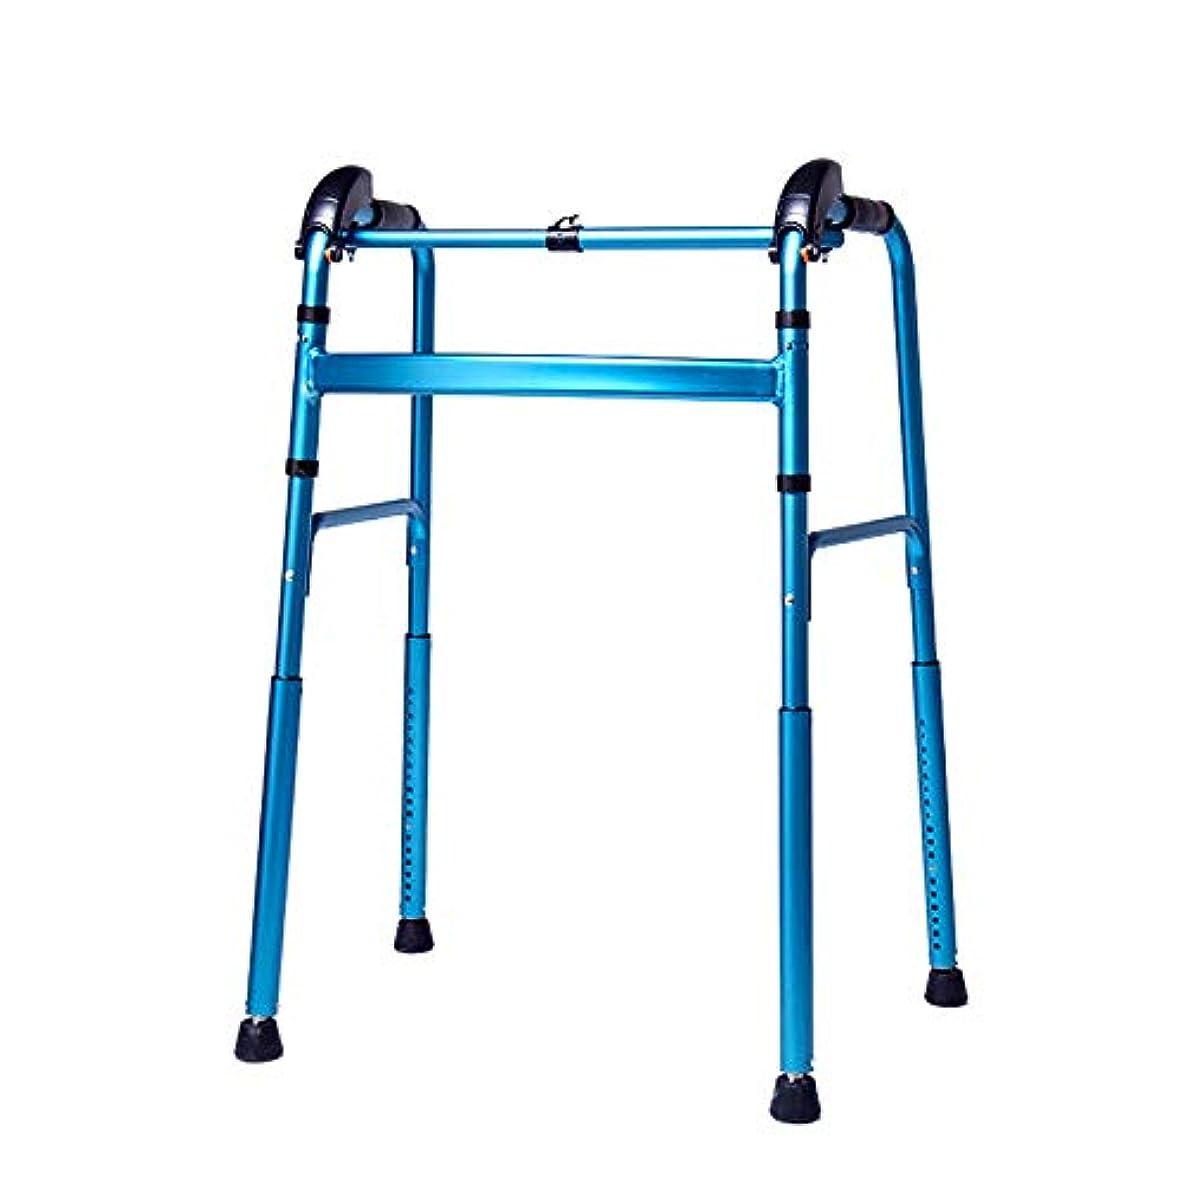 子音離婚道を作る折りたたみ歩行器 高さ調整可能 立ち上がり 固定&キャスター取替可